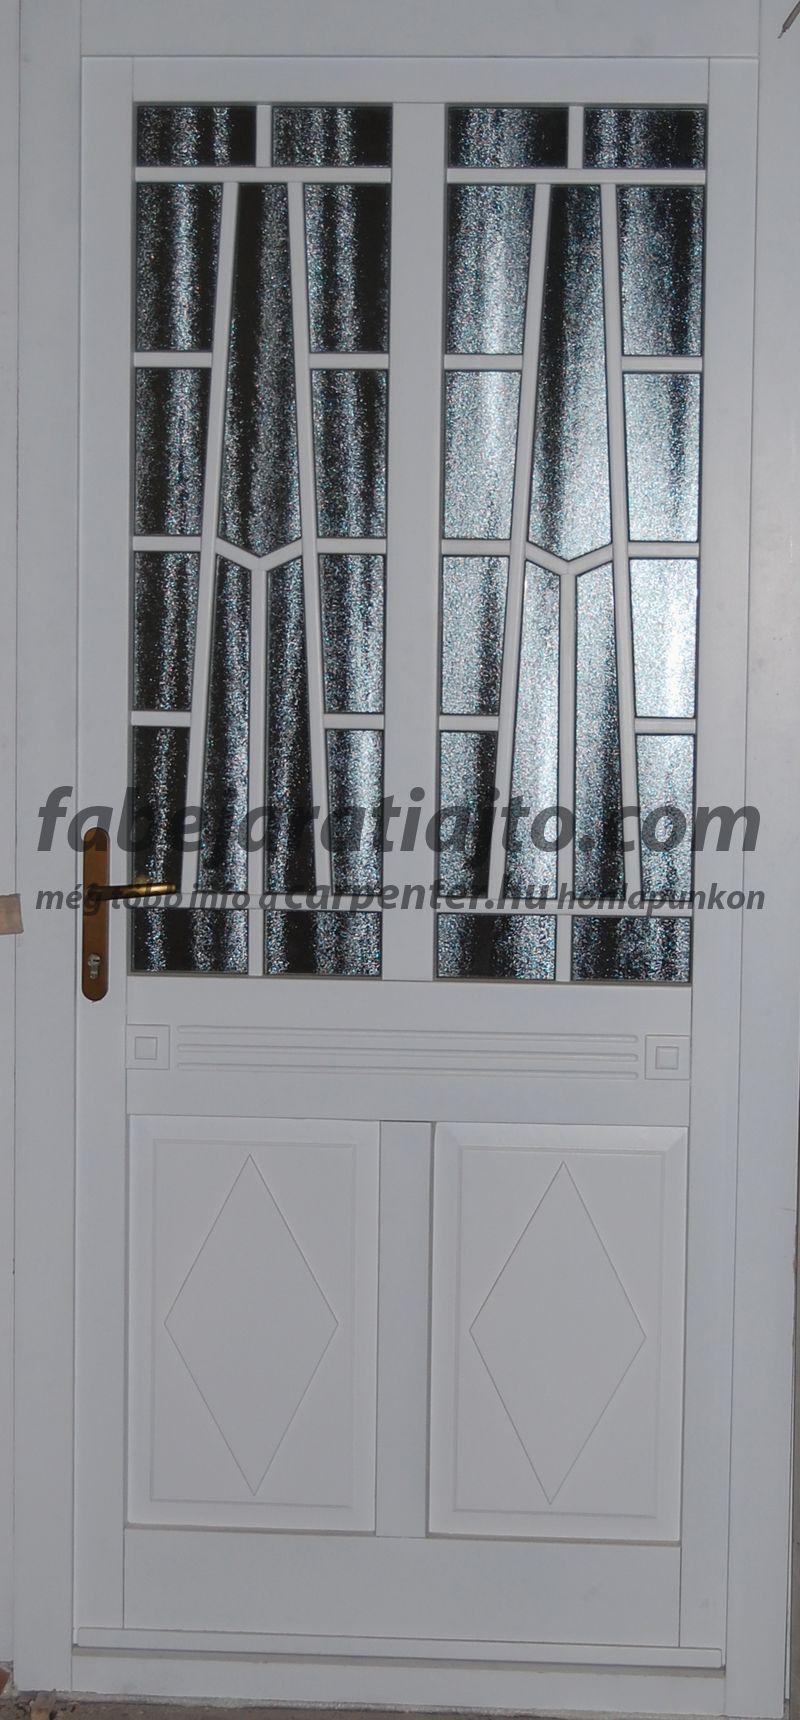 műemlék jellegű bejárati ajtó